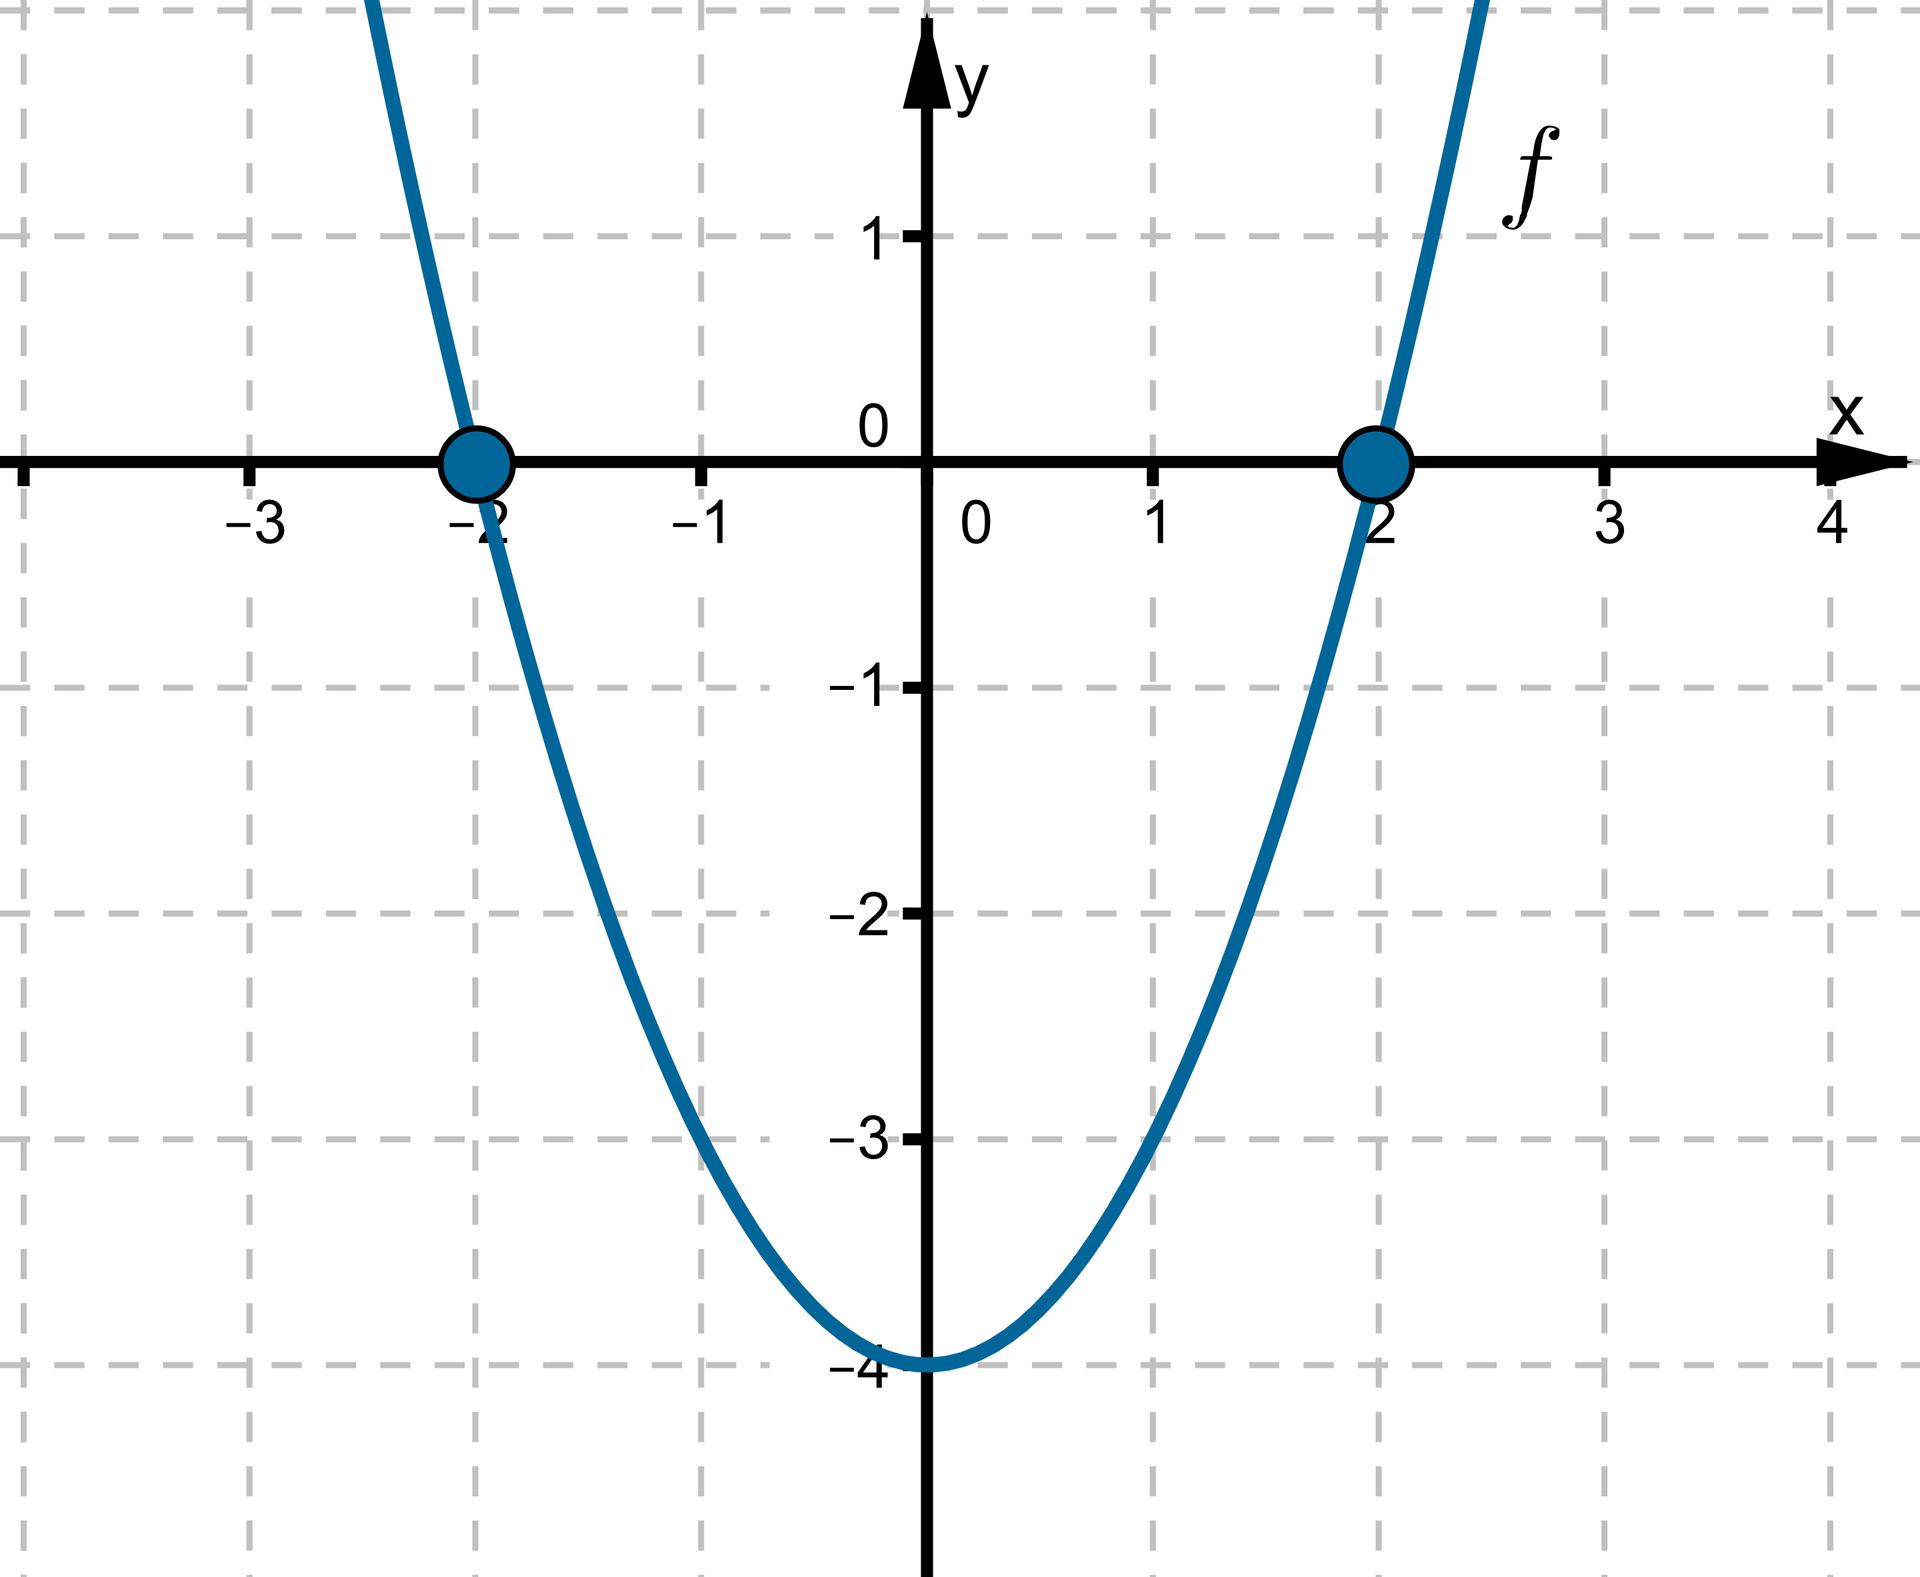 Wykres wpostaci krzywej leżącej wpierwszej, drugiej, trzeciej iczwartej ćwiartce układu współrzędnych przechodzącej przez punkty owspółrzędnych (-2, 0), (0, -4), (2, 0).